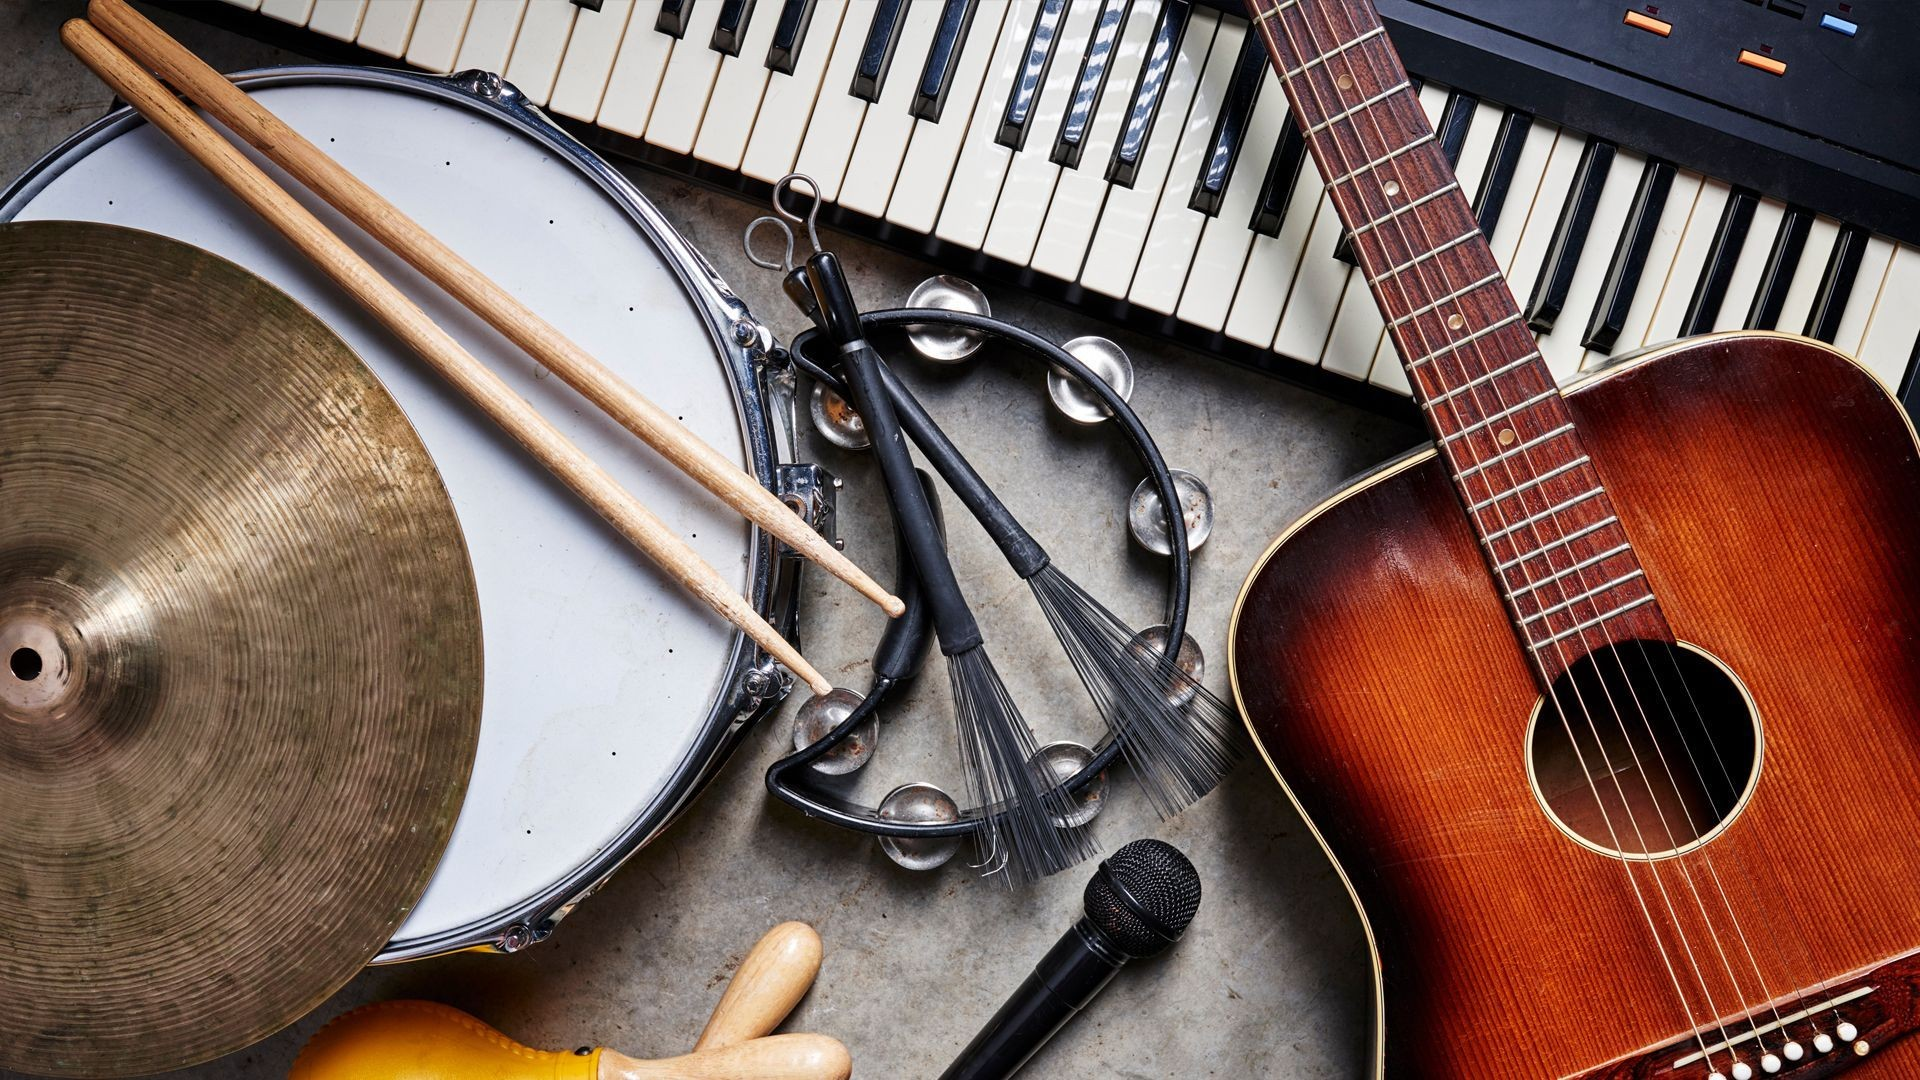 Venta de instrumentos en Colmenar Viejo